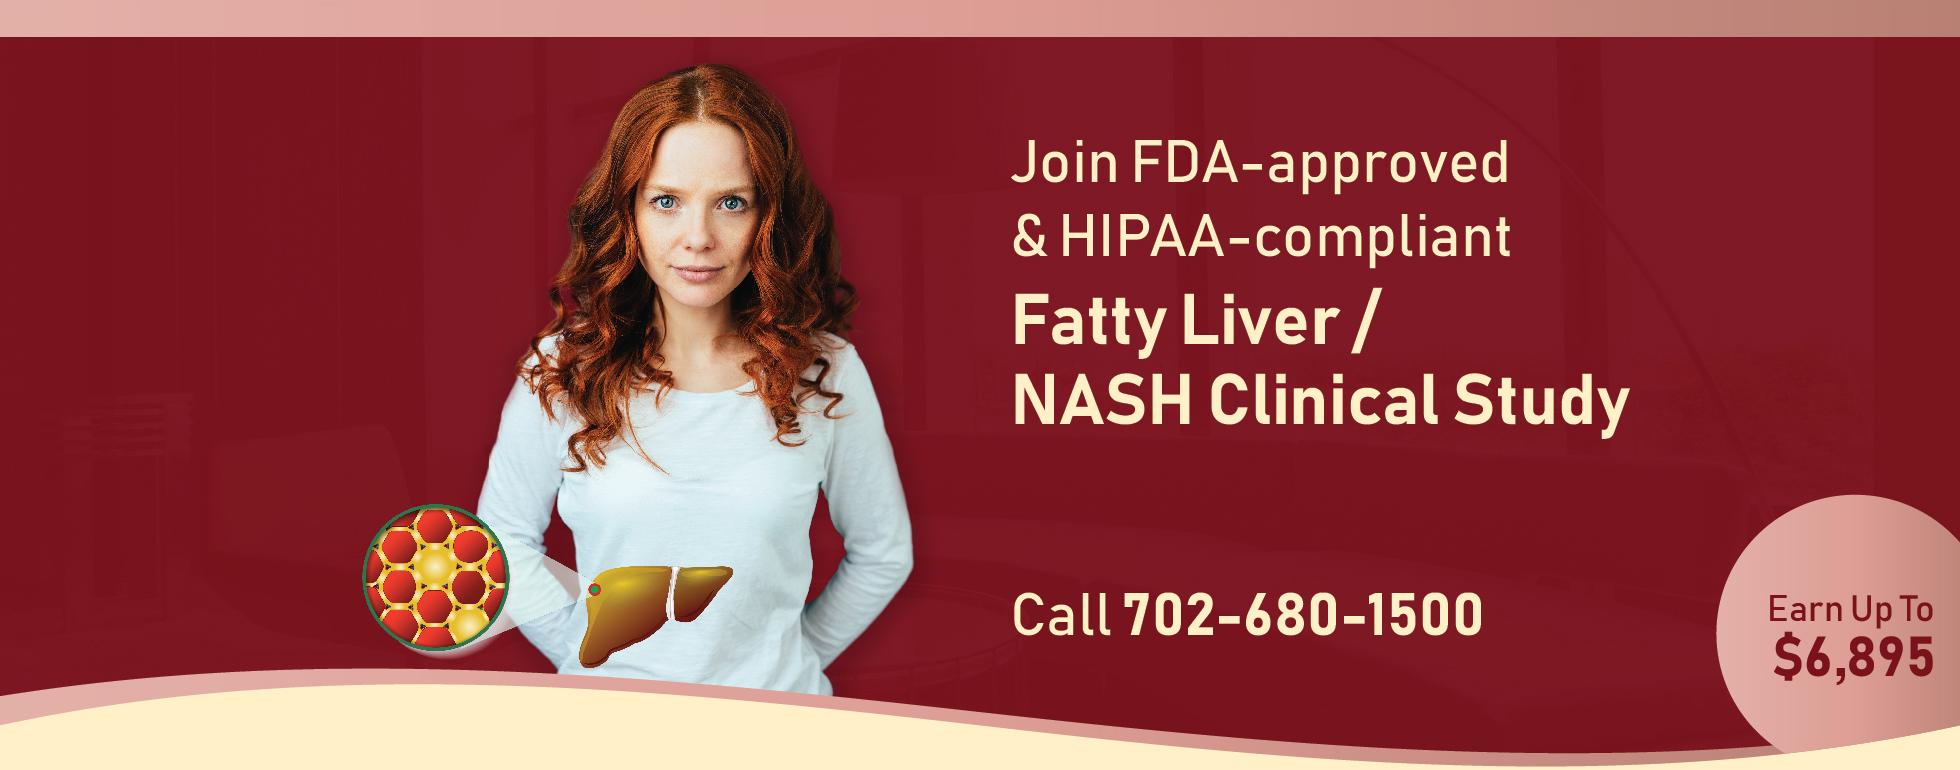 Fatty Liver/NASH Clinical Study